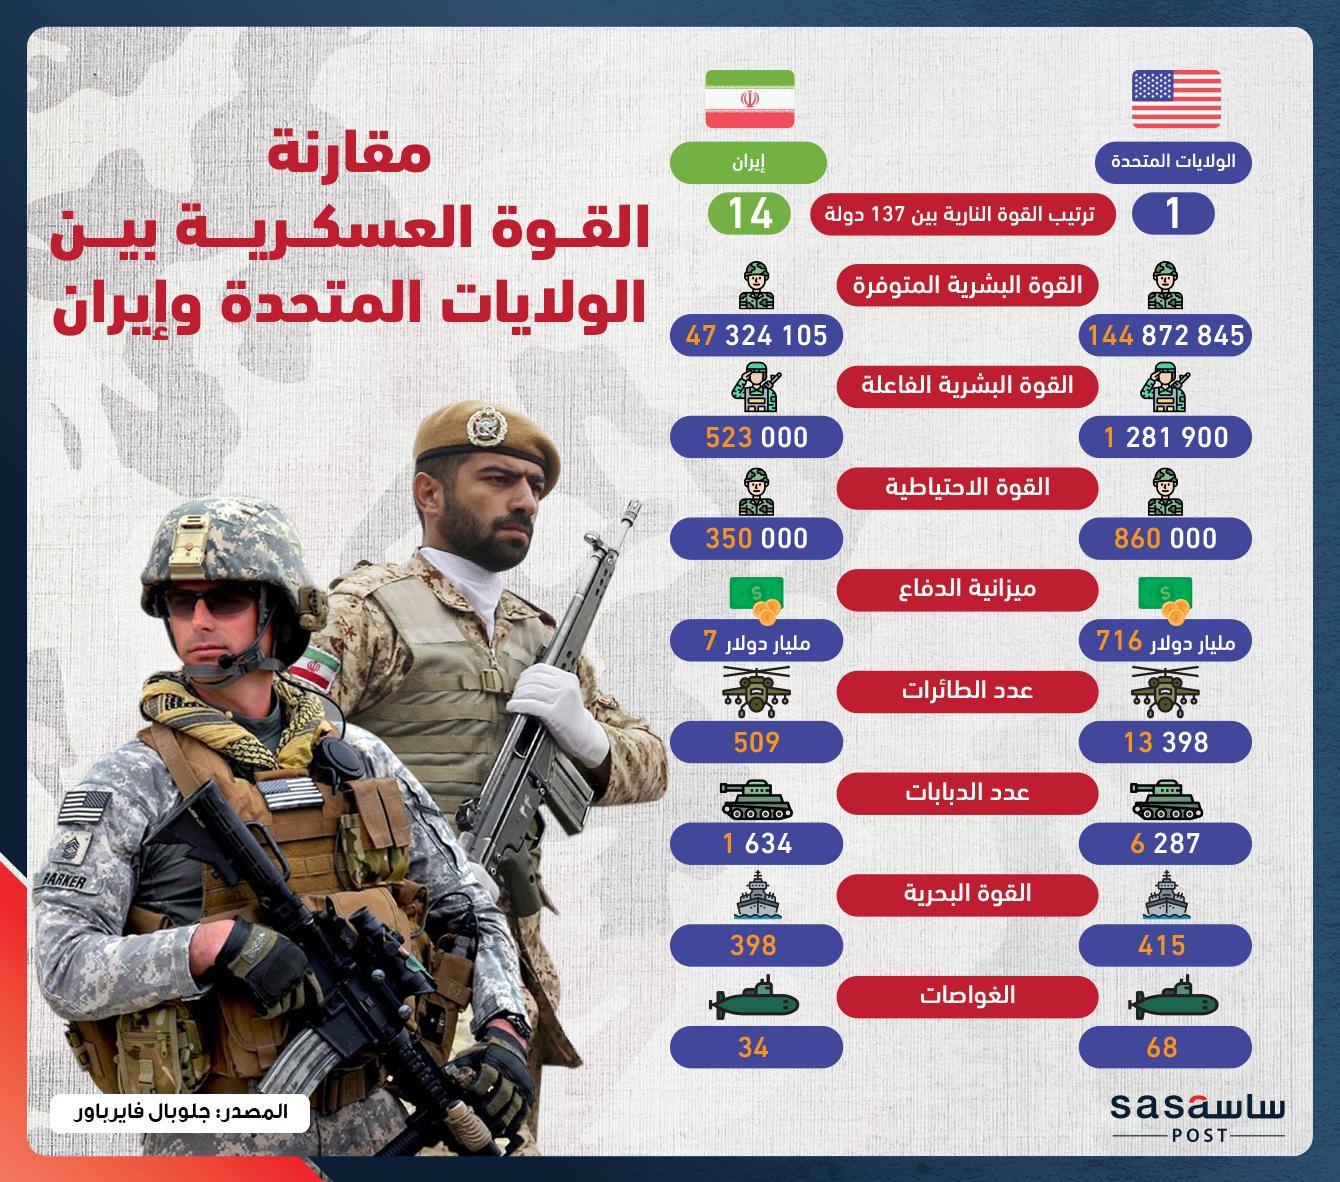 هل يشعل اغتيال قاسم سليماني شرارة الحرب المؤجلة بين أمريكا وإيران؟